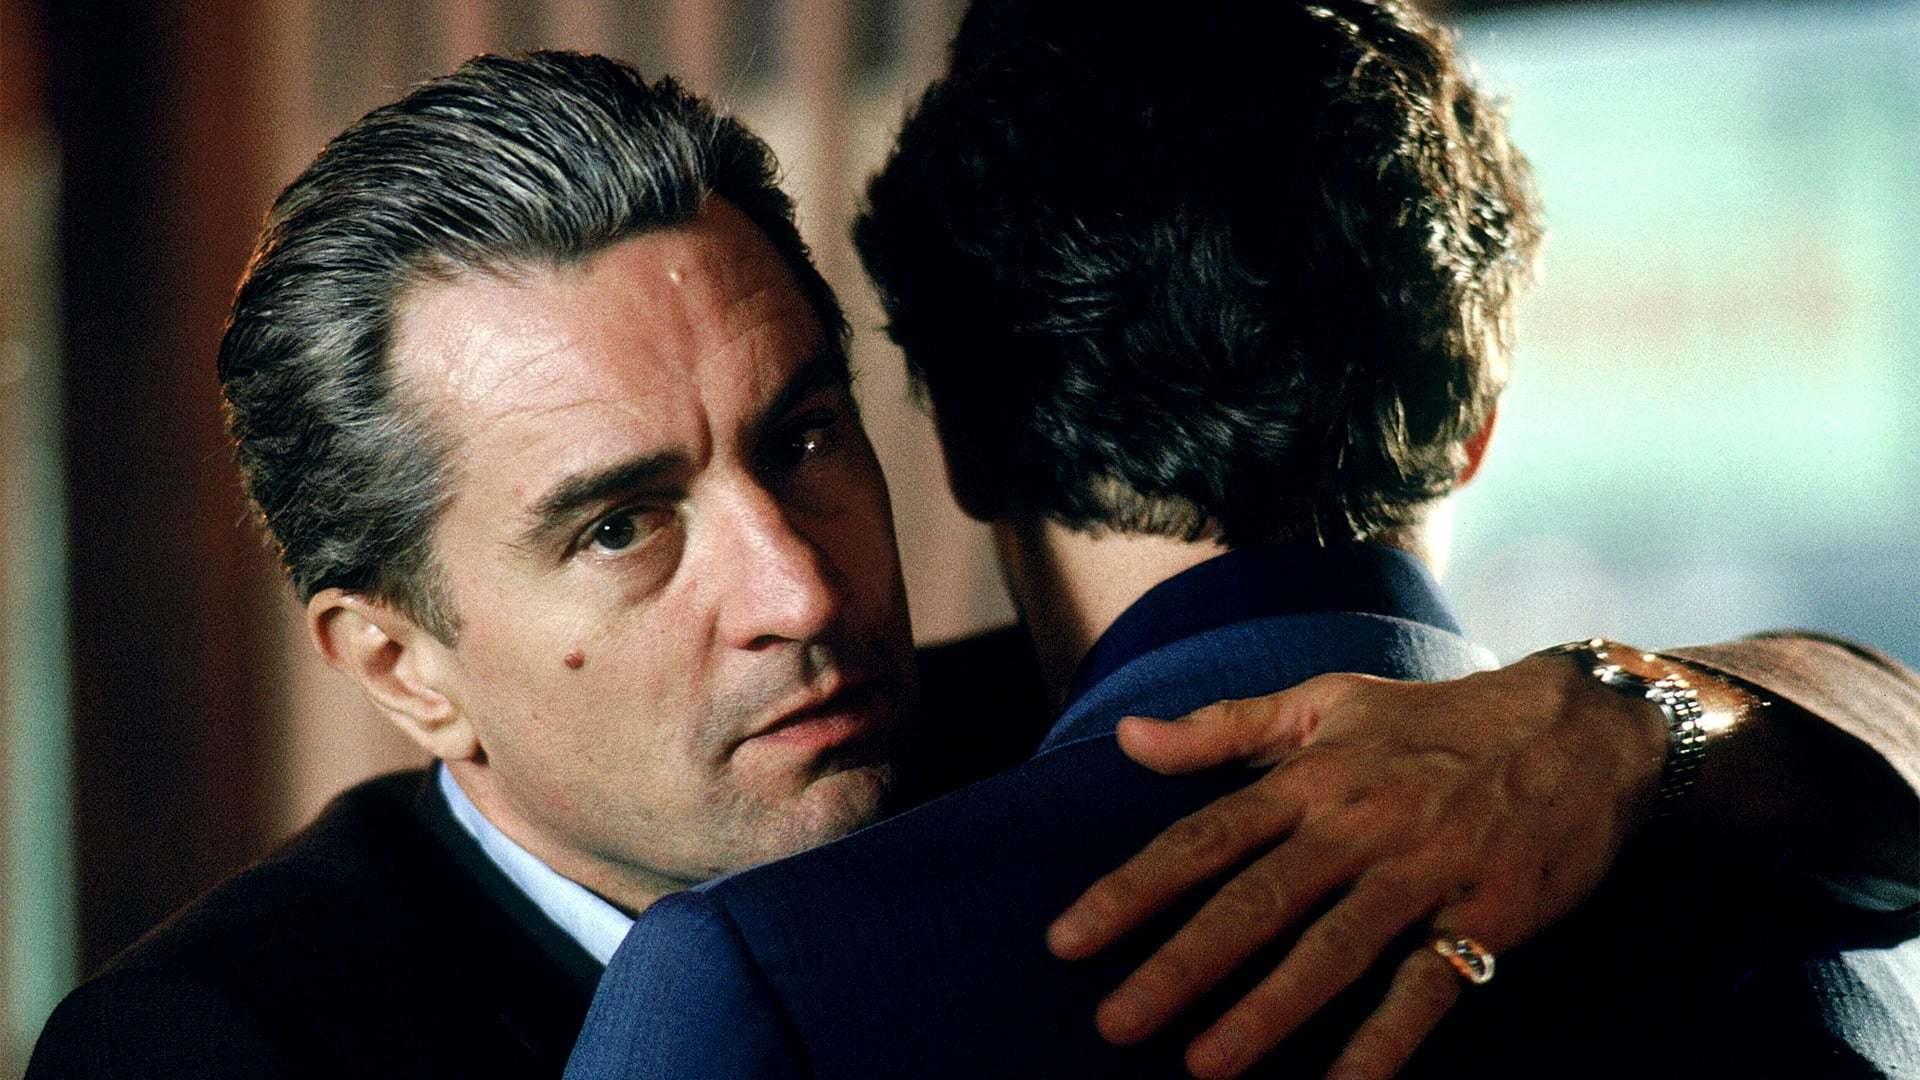 Кадры из фильма Славные парни Goodfellas 1990